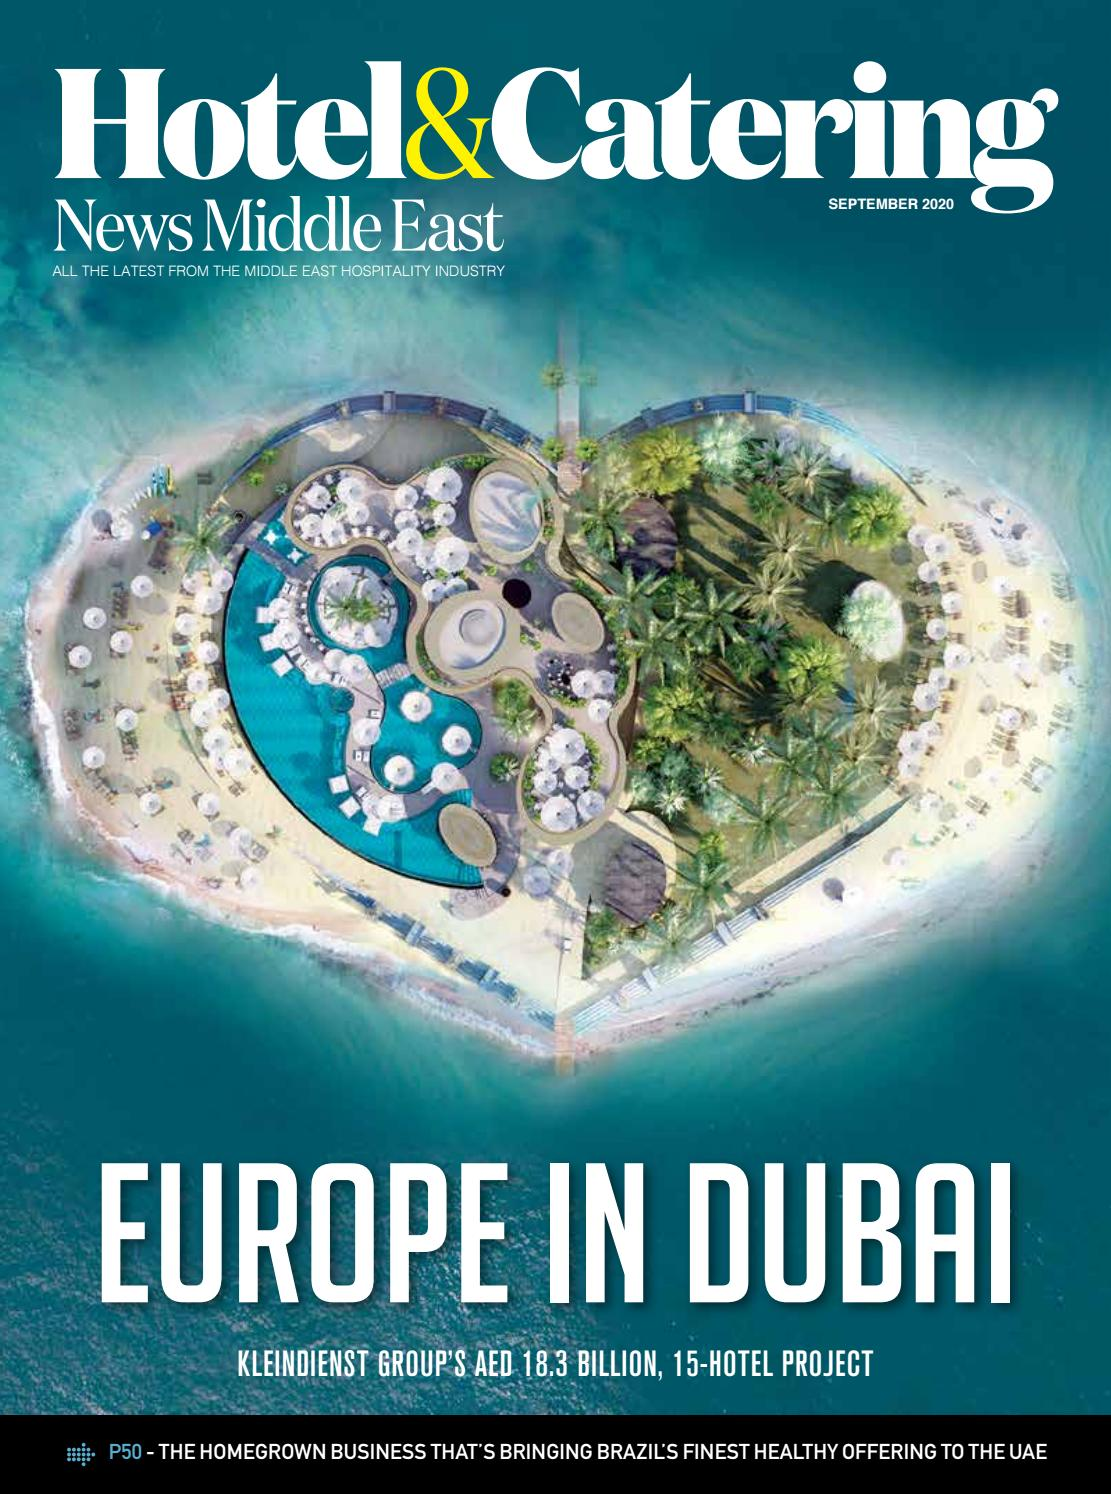 https://www.hotelnewsme.com/digital-magazine/hotel-catering-news-me-september-2020/